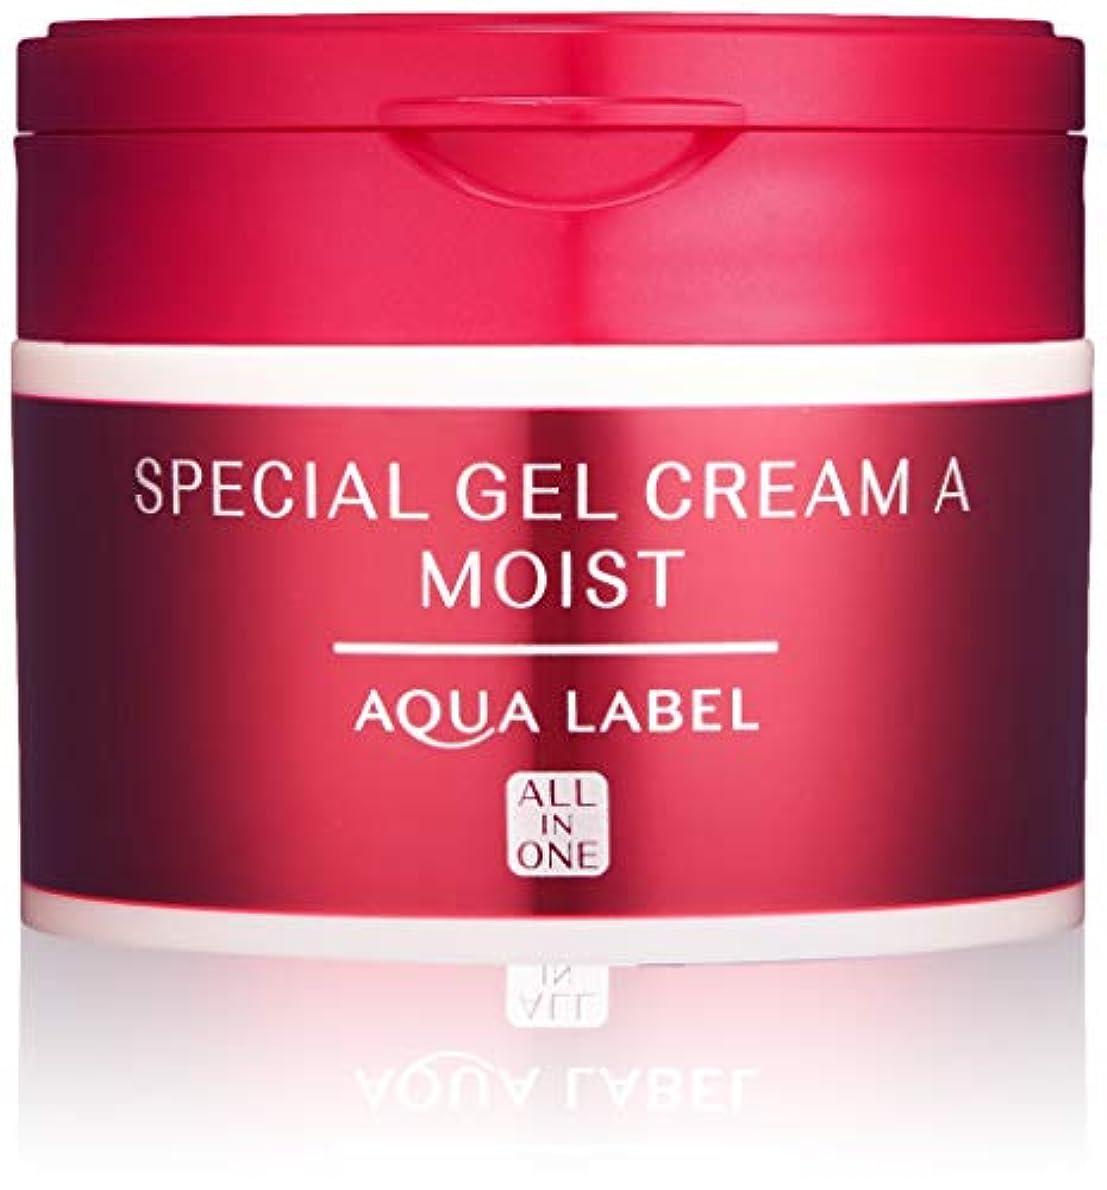 不当上肥料AQUALABEL(アクアレーベル) アクアレーベル スペシャルジェルクリームA (モイスト) ハーバルローズの優しい香り 単品 90g